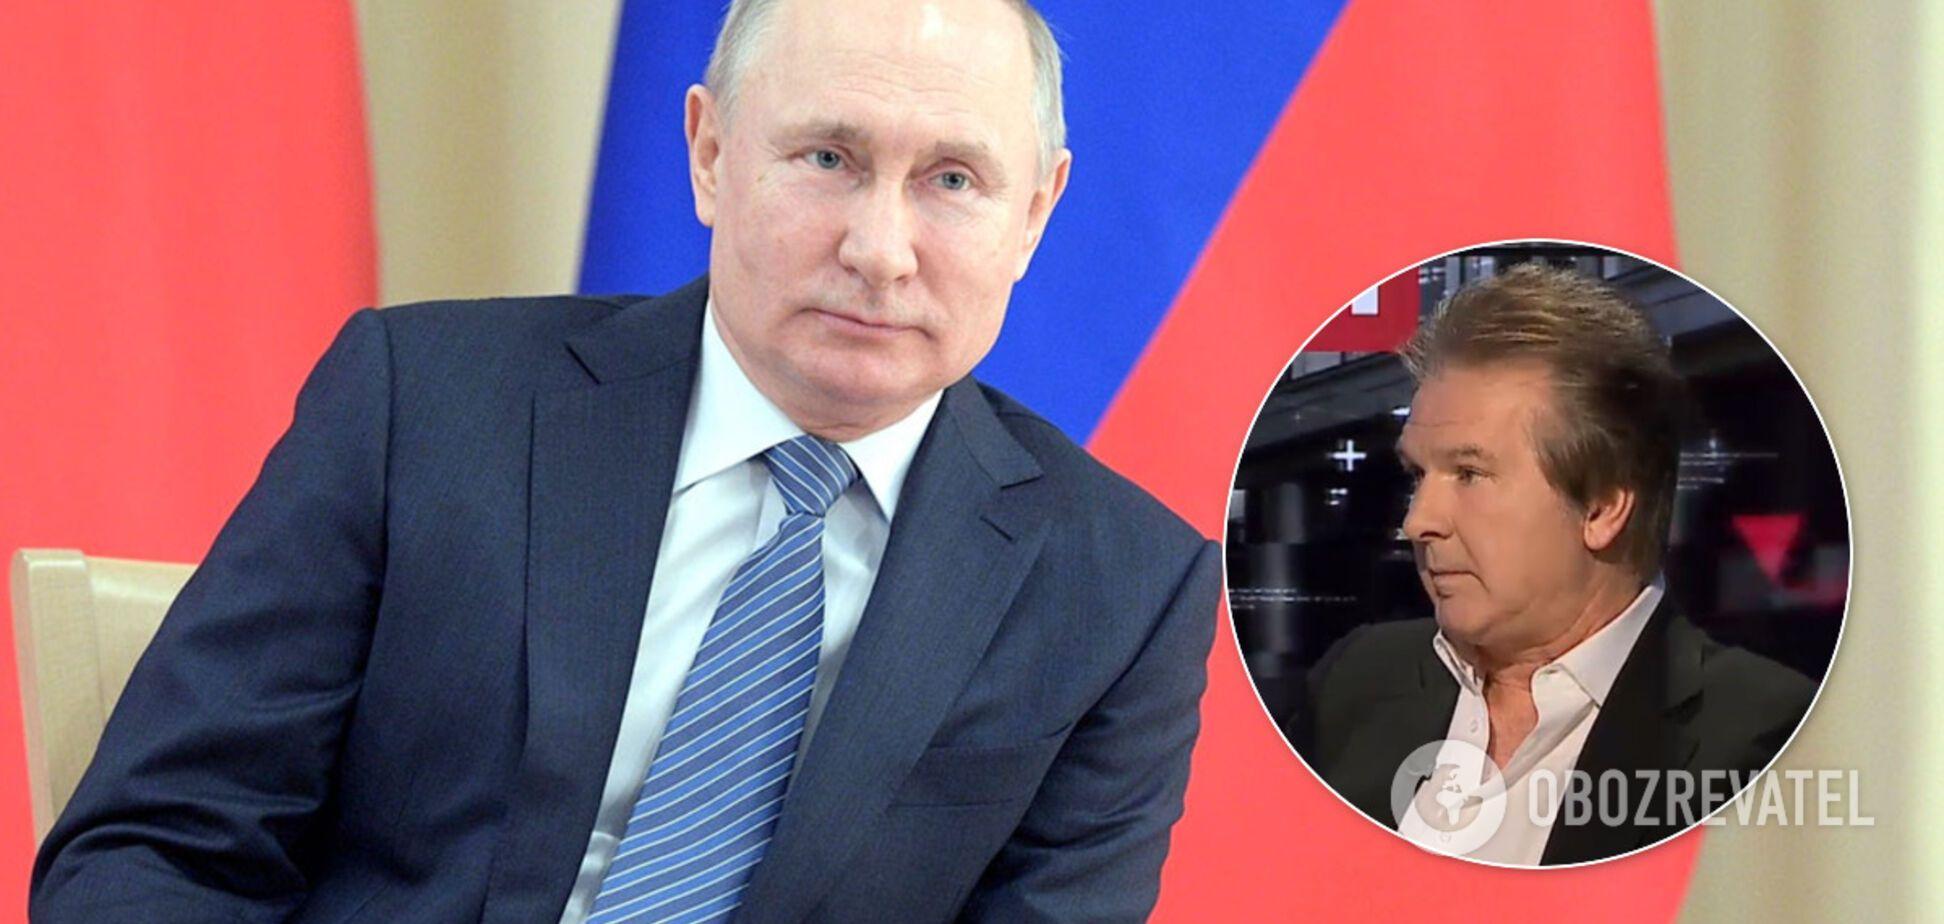 Юрій Швець та Володимир Путін